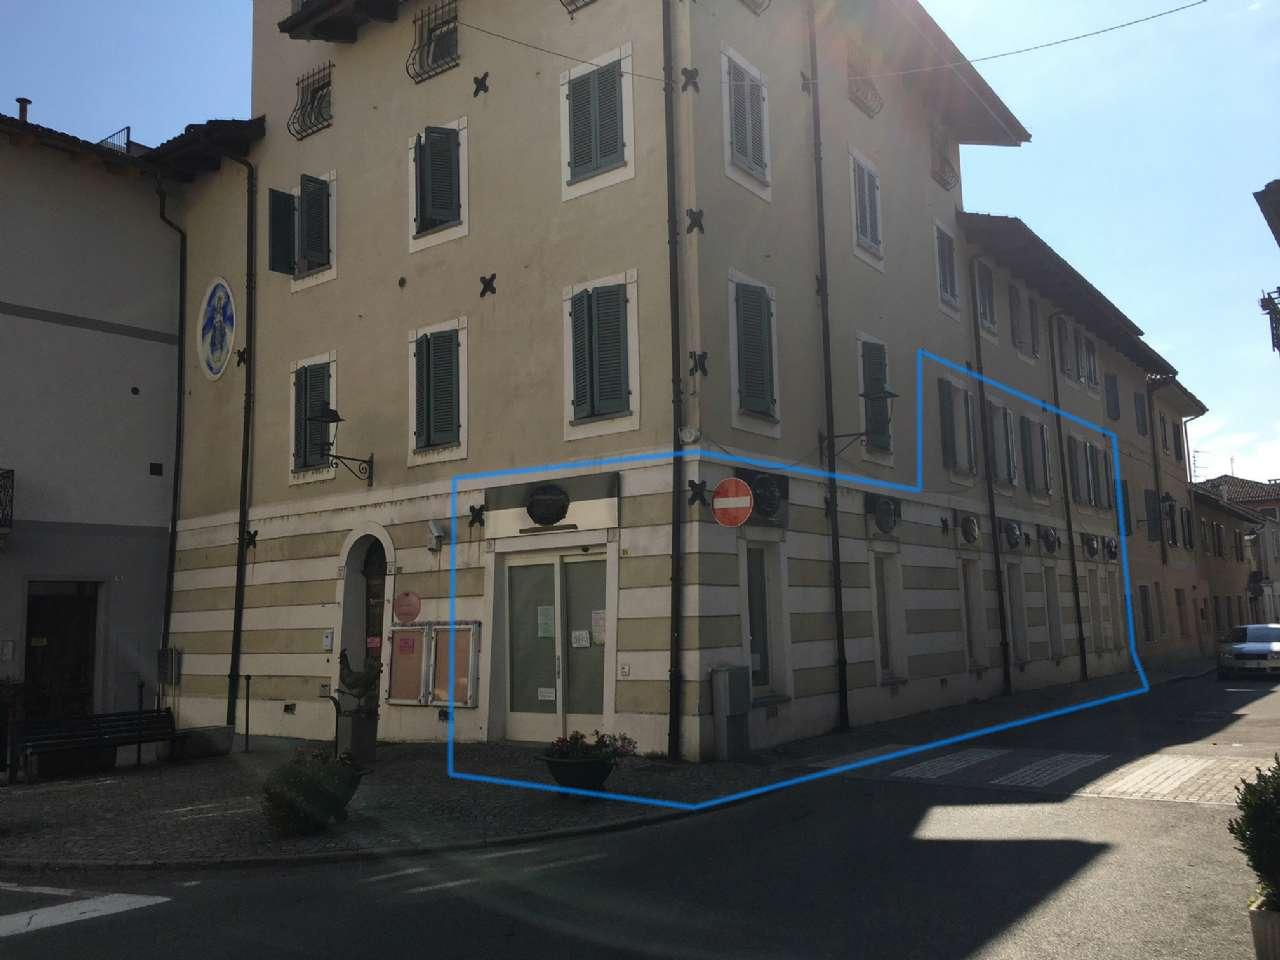 Ufficio / Studio in affitto a Villanova d'Asti, 9999 locali, prezzo € 100 | CambioCasa.it